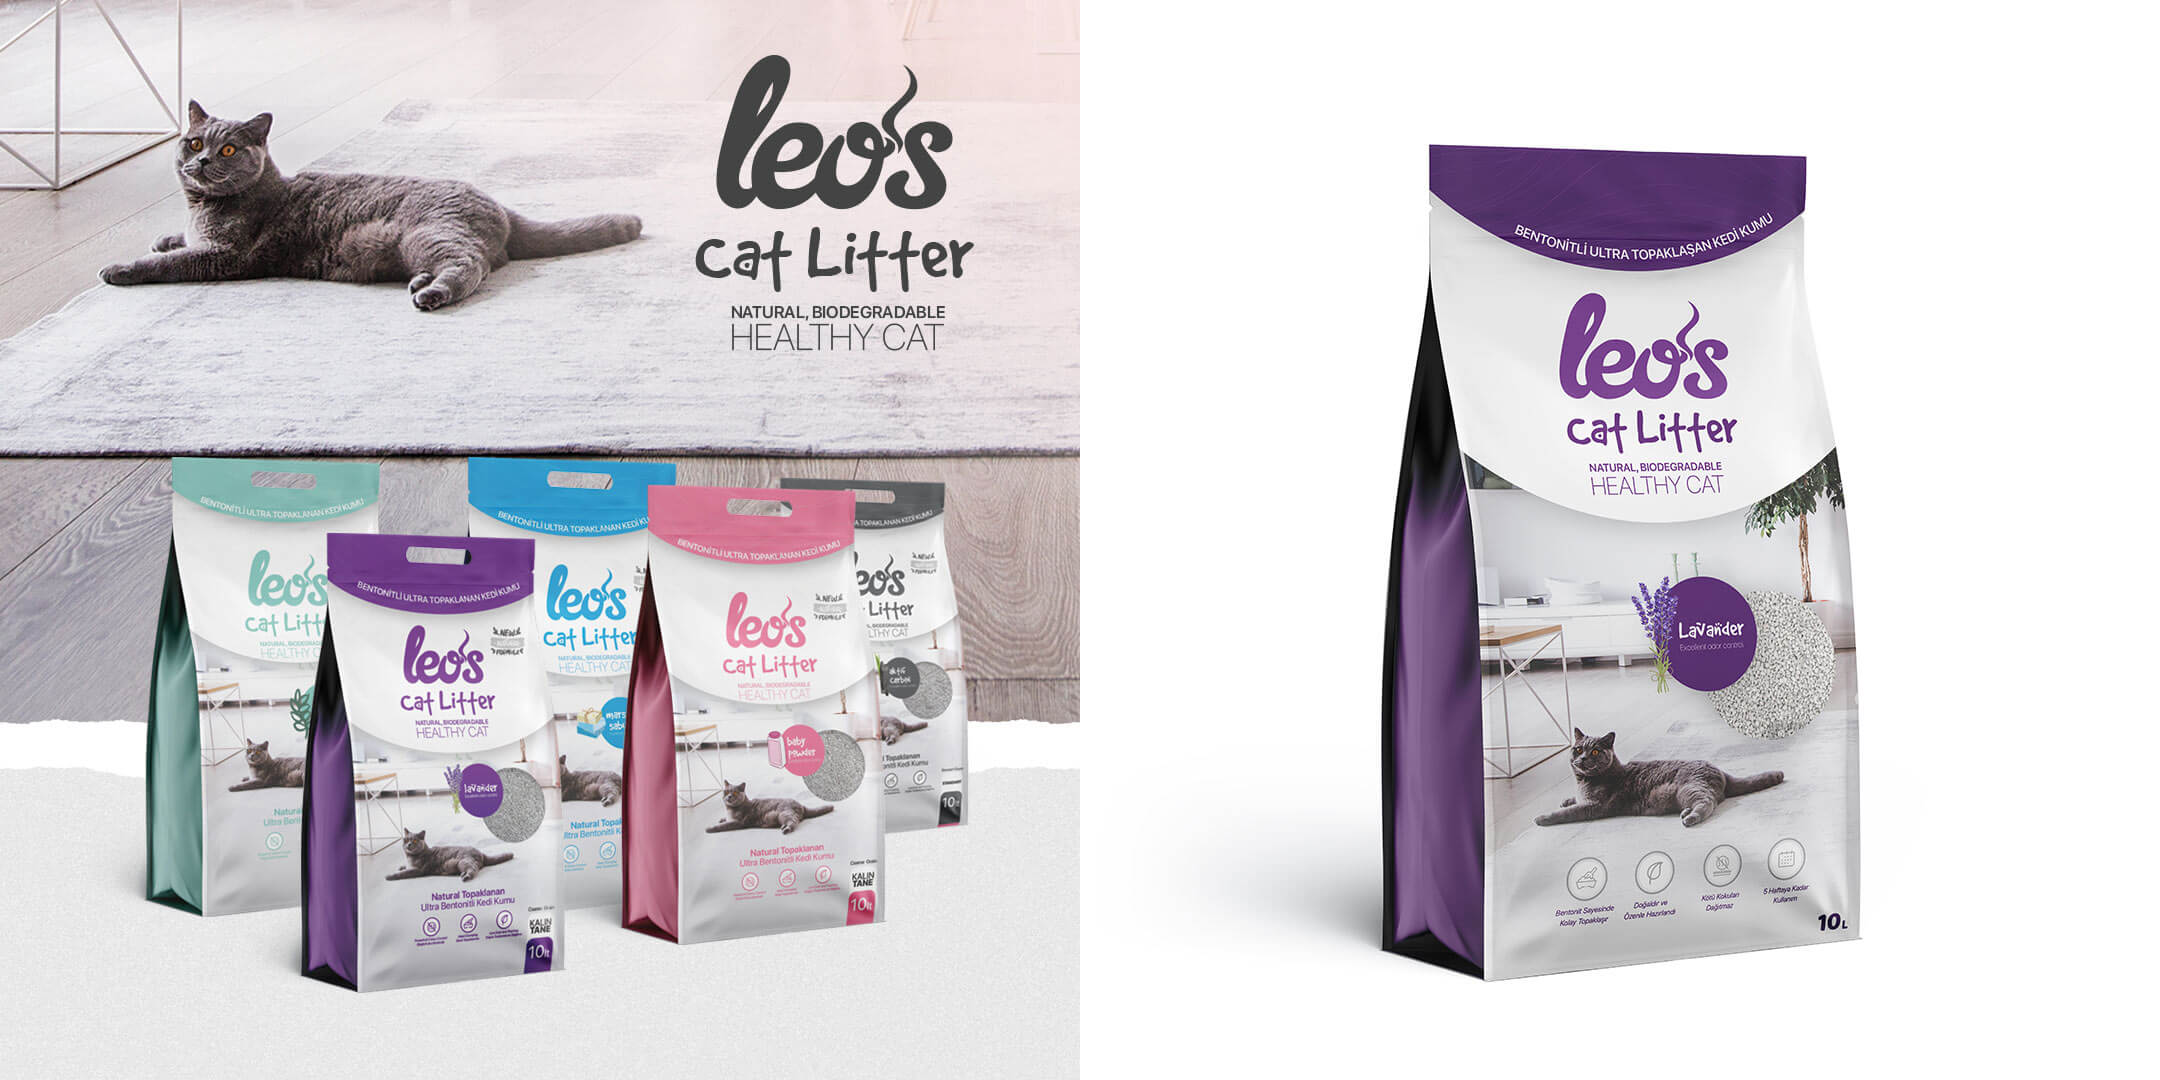 leos_cat_litter (1)